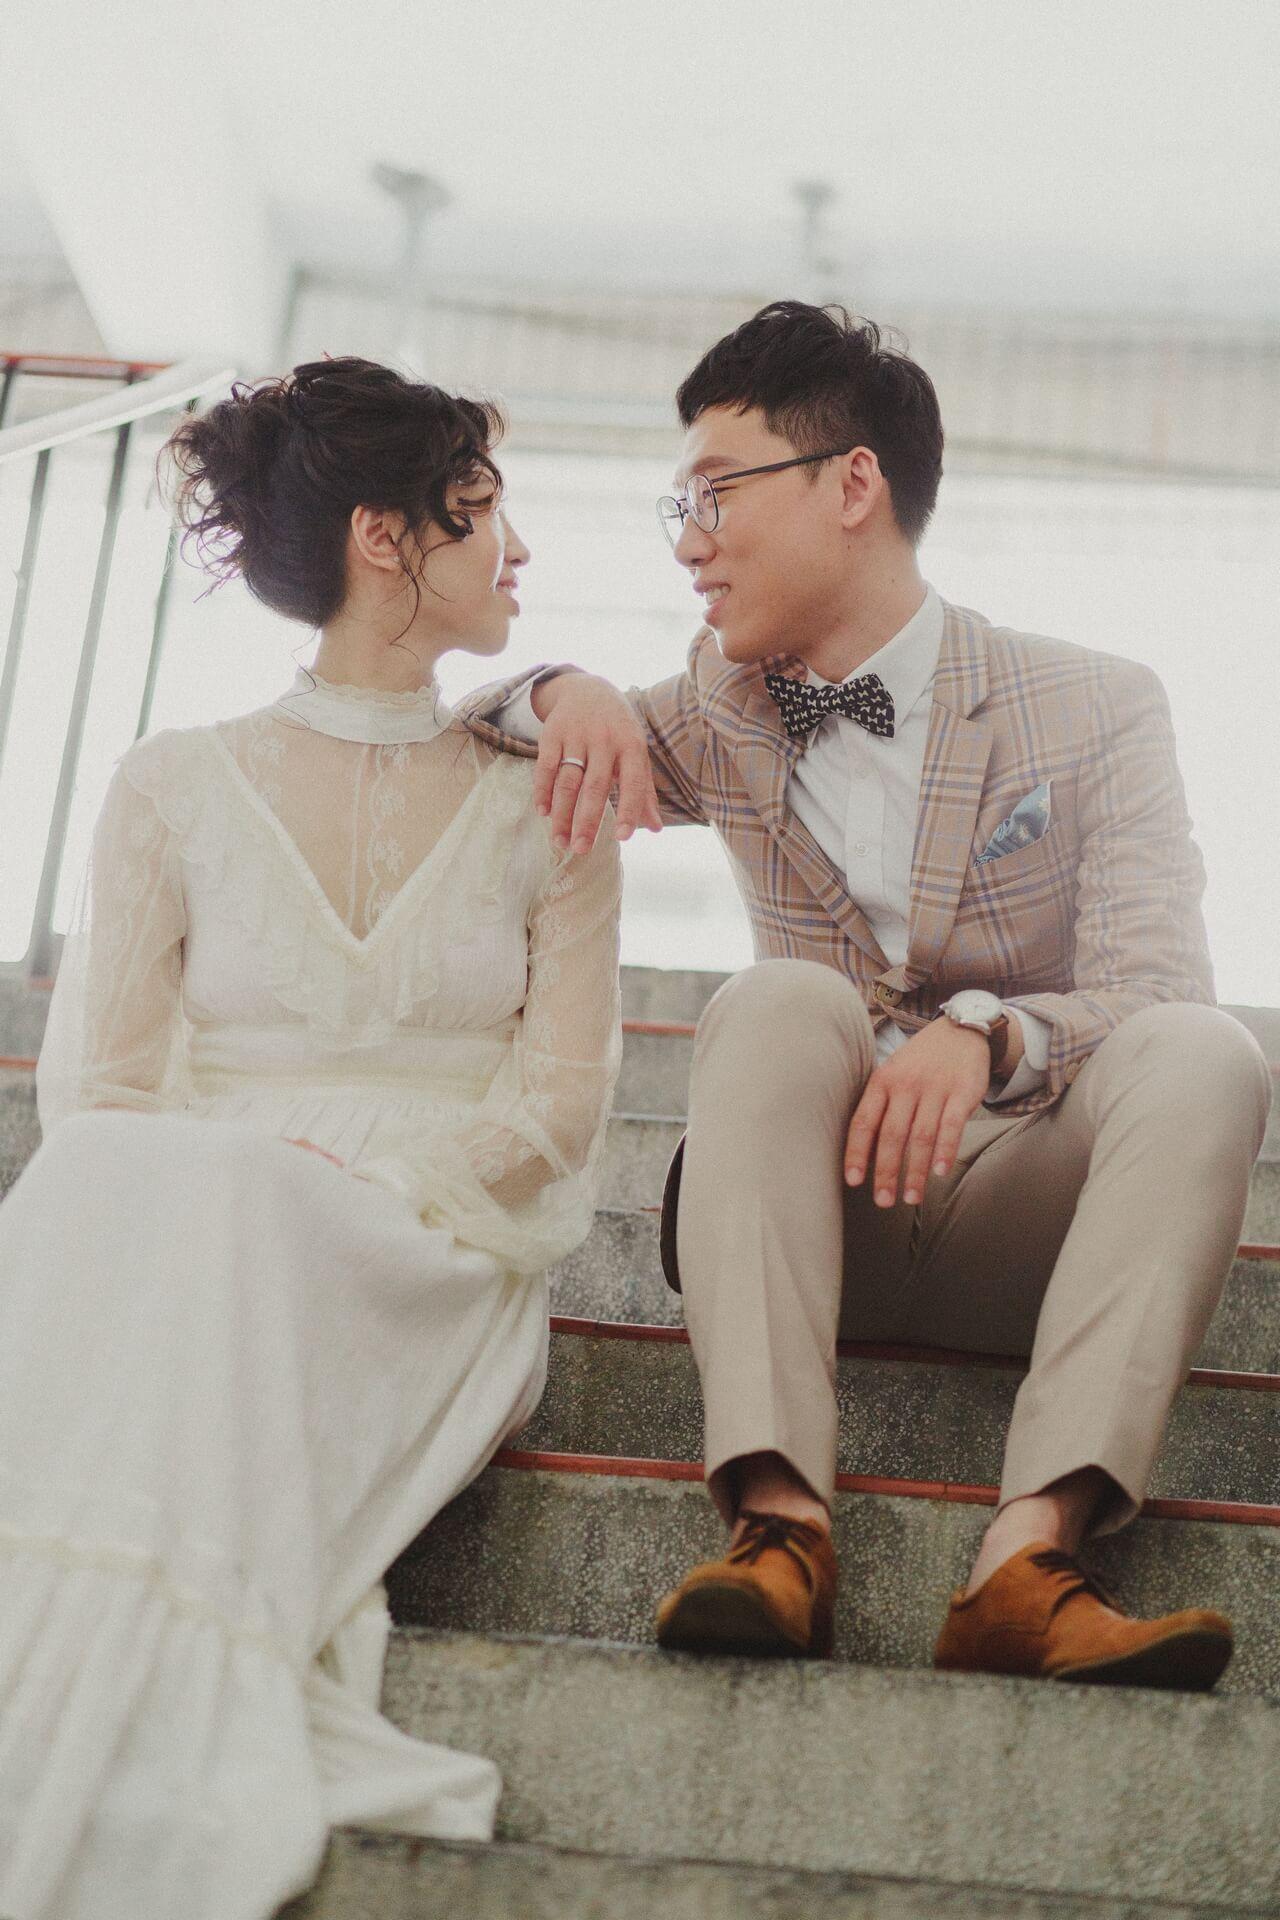 max fine art  攝影工作室 最佳婚禮紀錄推薦 海外婚禮推薦 底片風格 戶外婚禮推薦 台北婚攝 婚攝推薦 推薦婚攝 - 0005 (複製).jpg